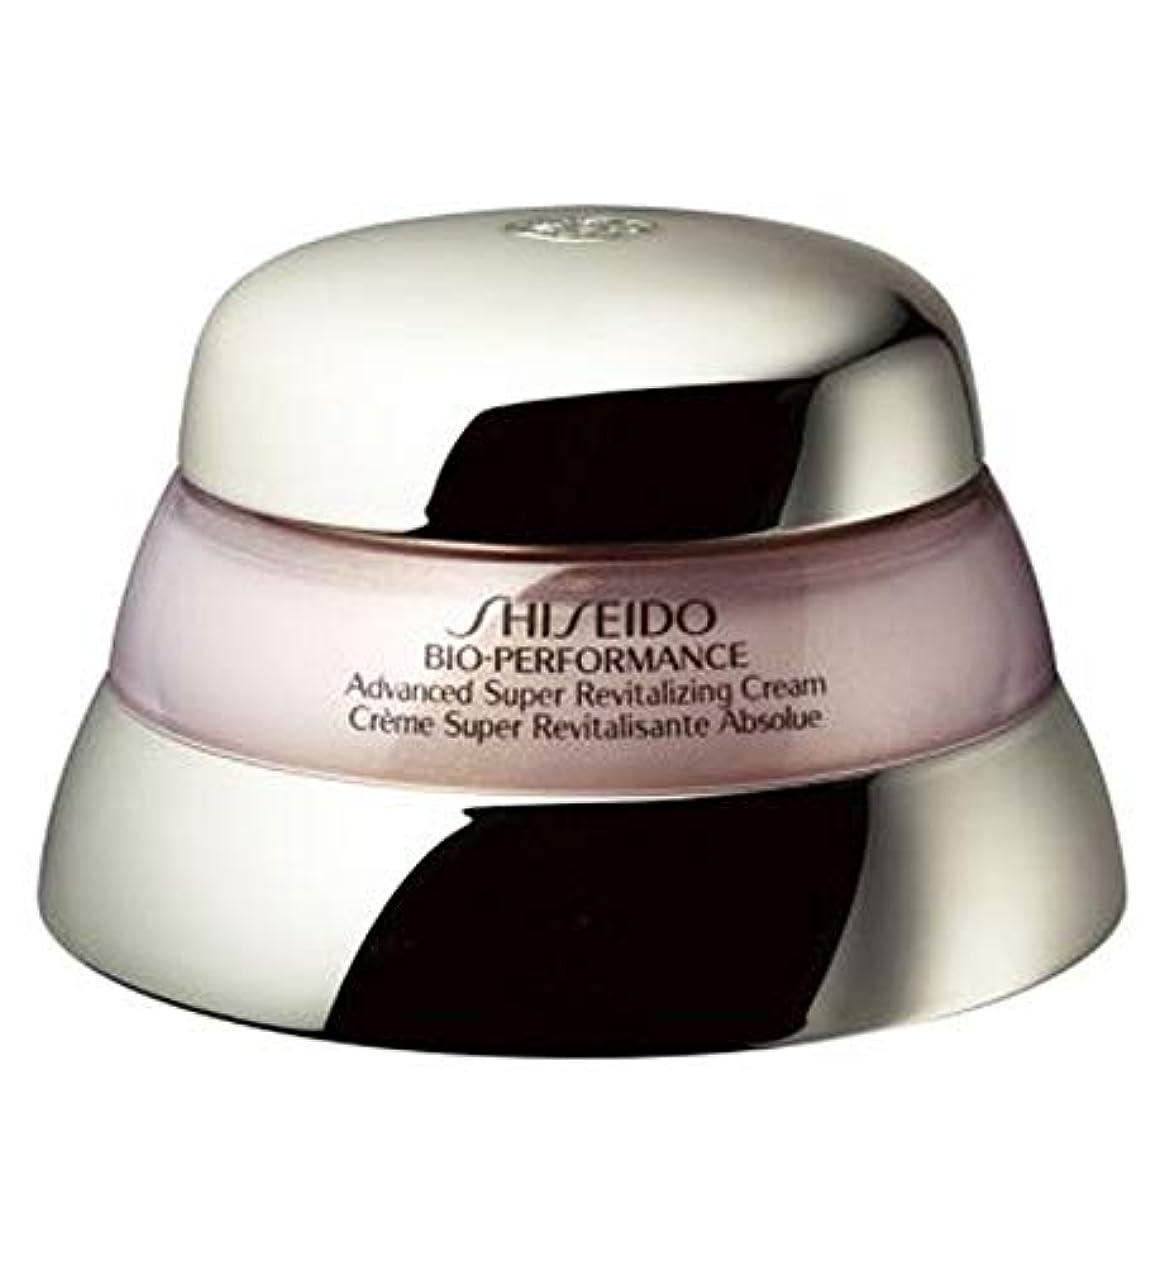 ポンペイ環境保護主義者五[Shiseido] 資生堂バイオ - パフォーマンスがスーパーリバイタライジングクリーム50Mlを進めました - Shiseido Bio - Performance Advanced Super Revitalizing...